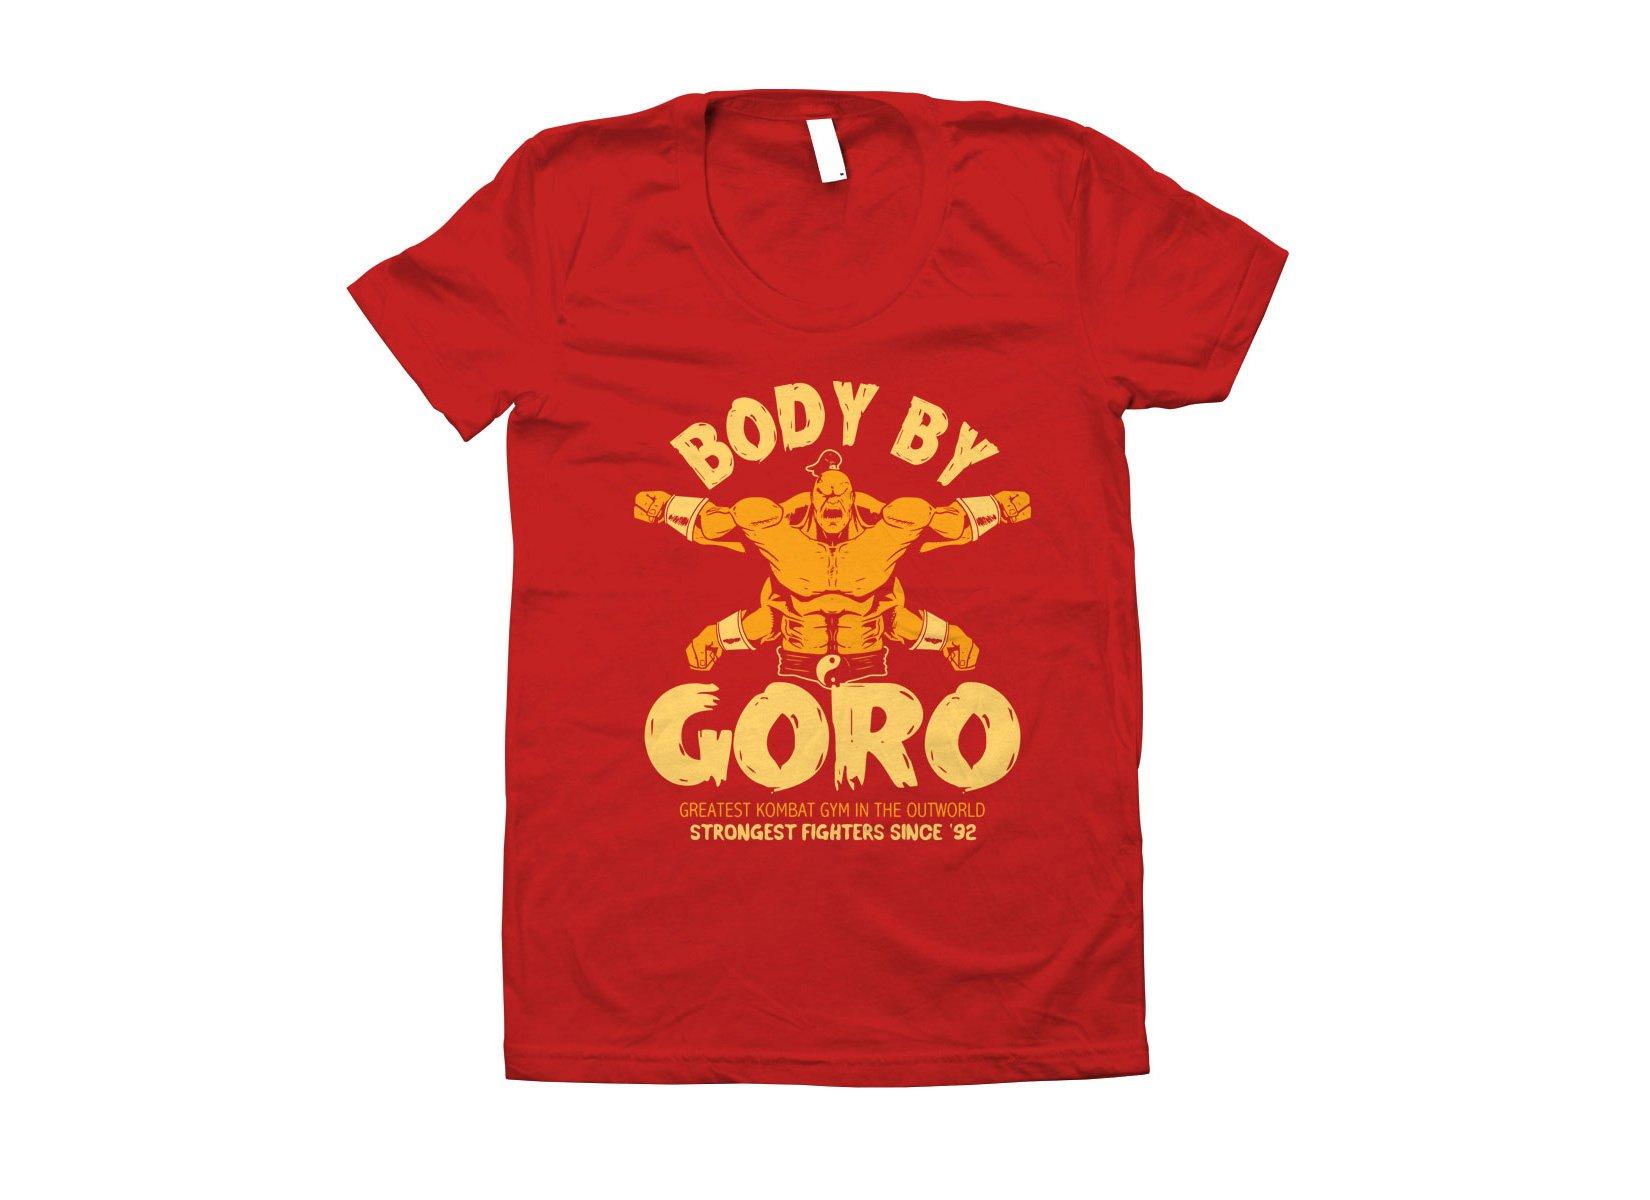 Body By Goro on Juniors T-Shirt